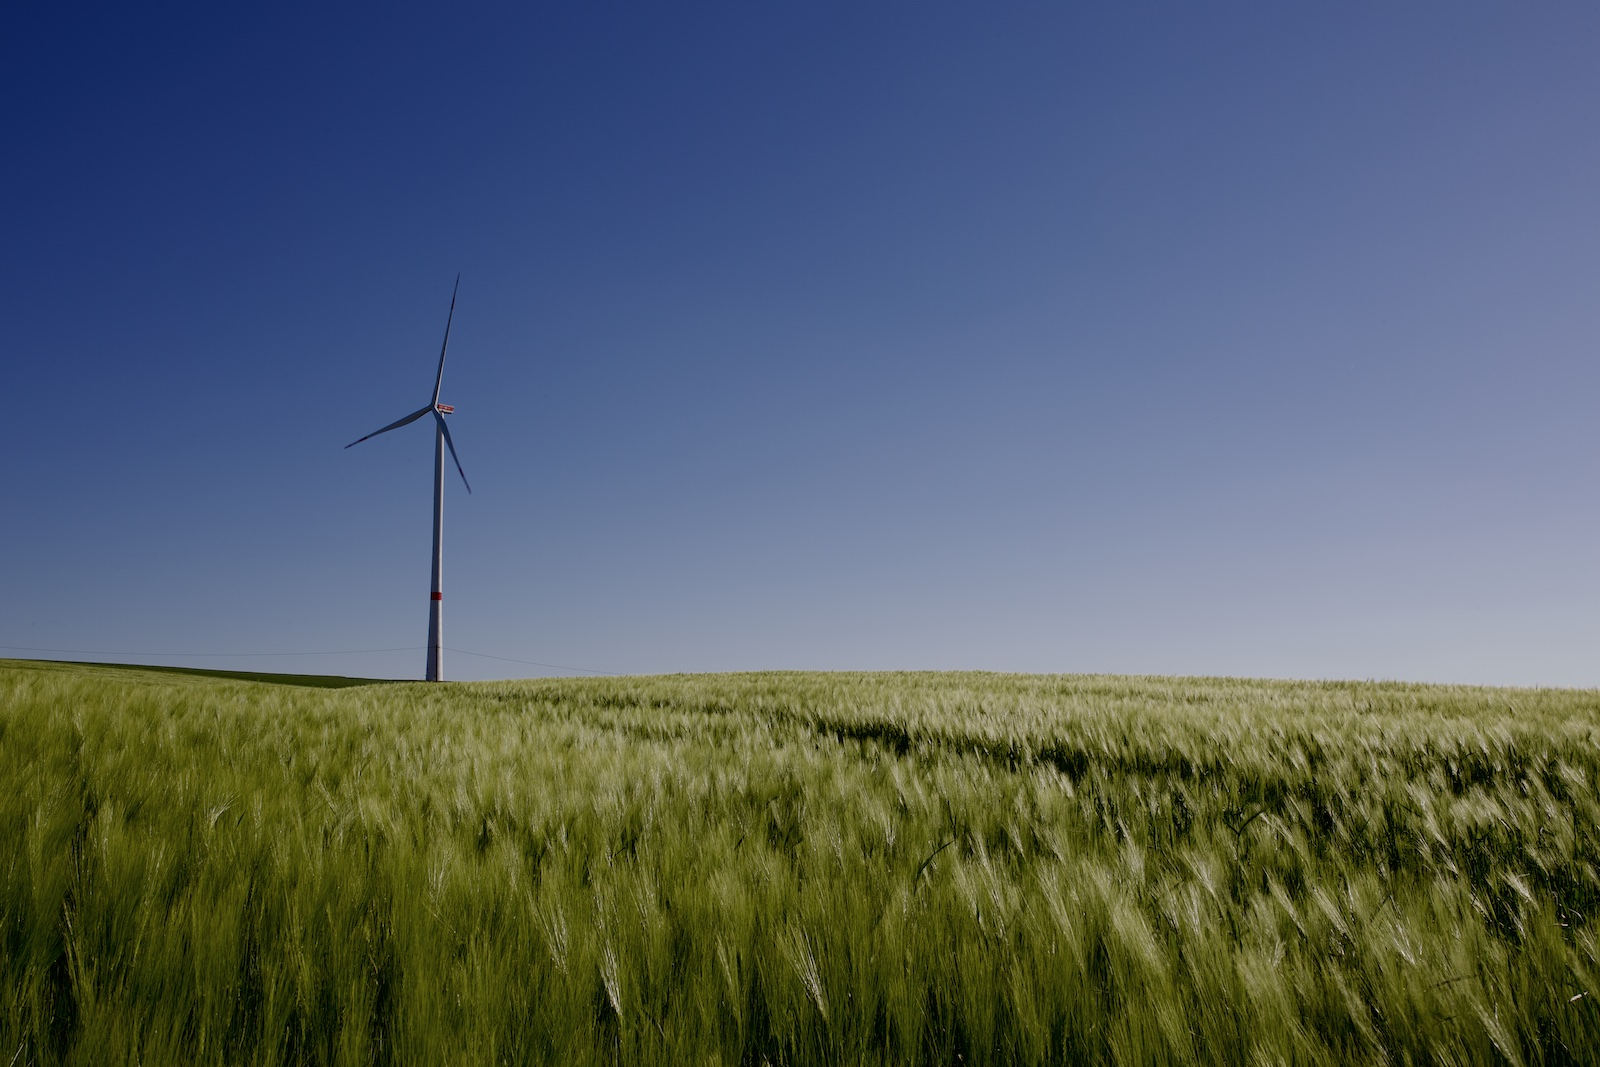 Mensch-Energie-Umwelt_Muehlhaus_Sammlung_021